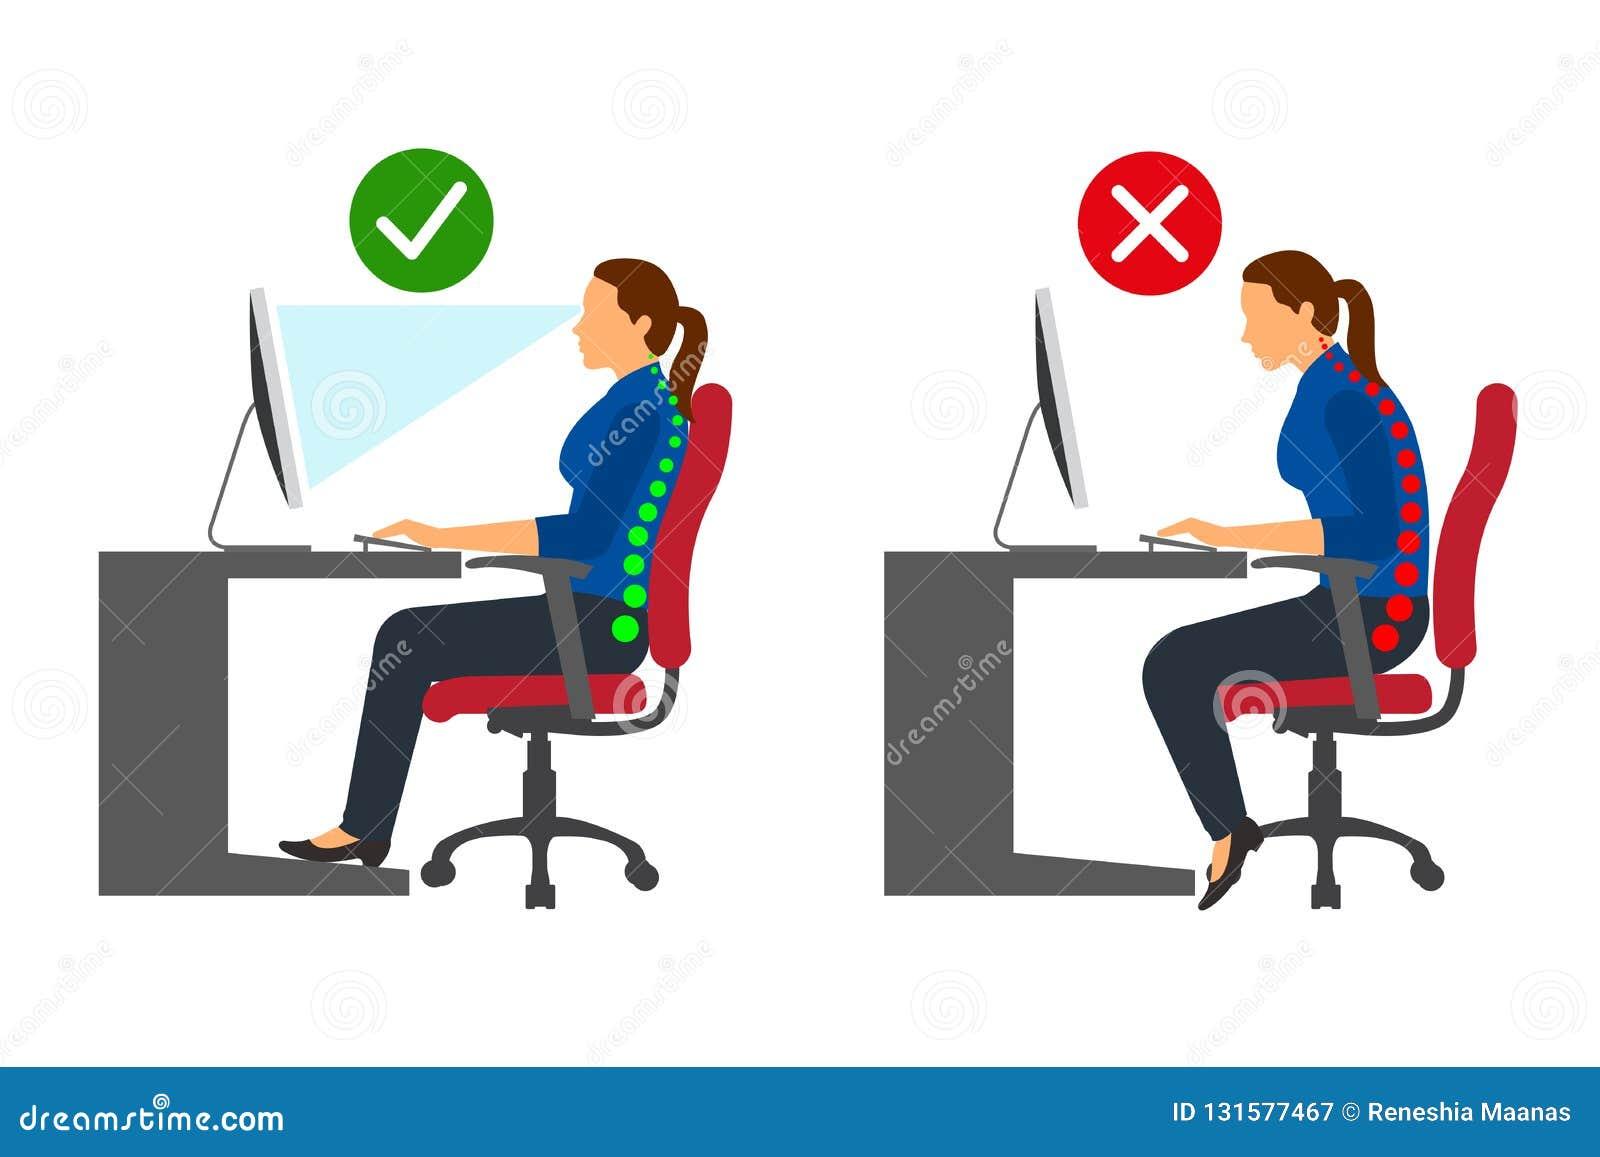 Ergonomia - posizione corretta e sbagliata della donna di seduta quando per mezzo di un computer